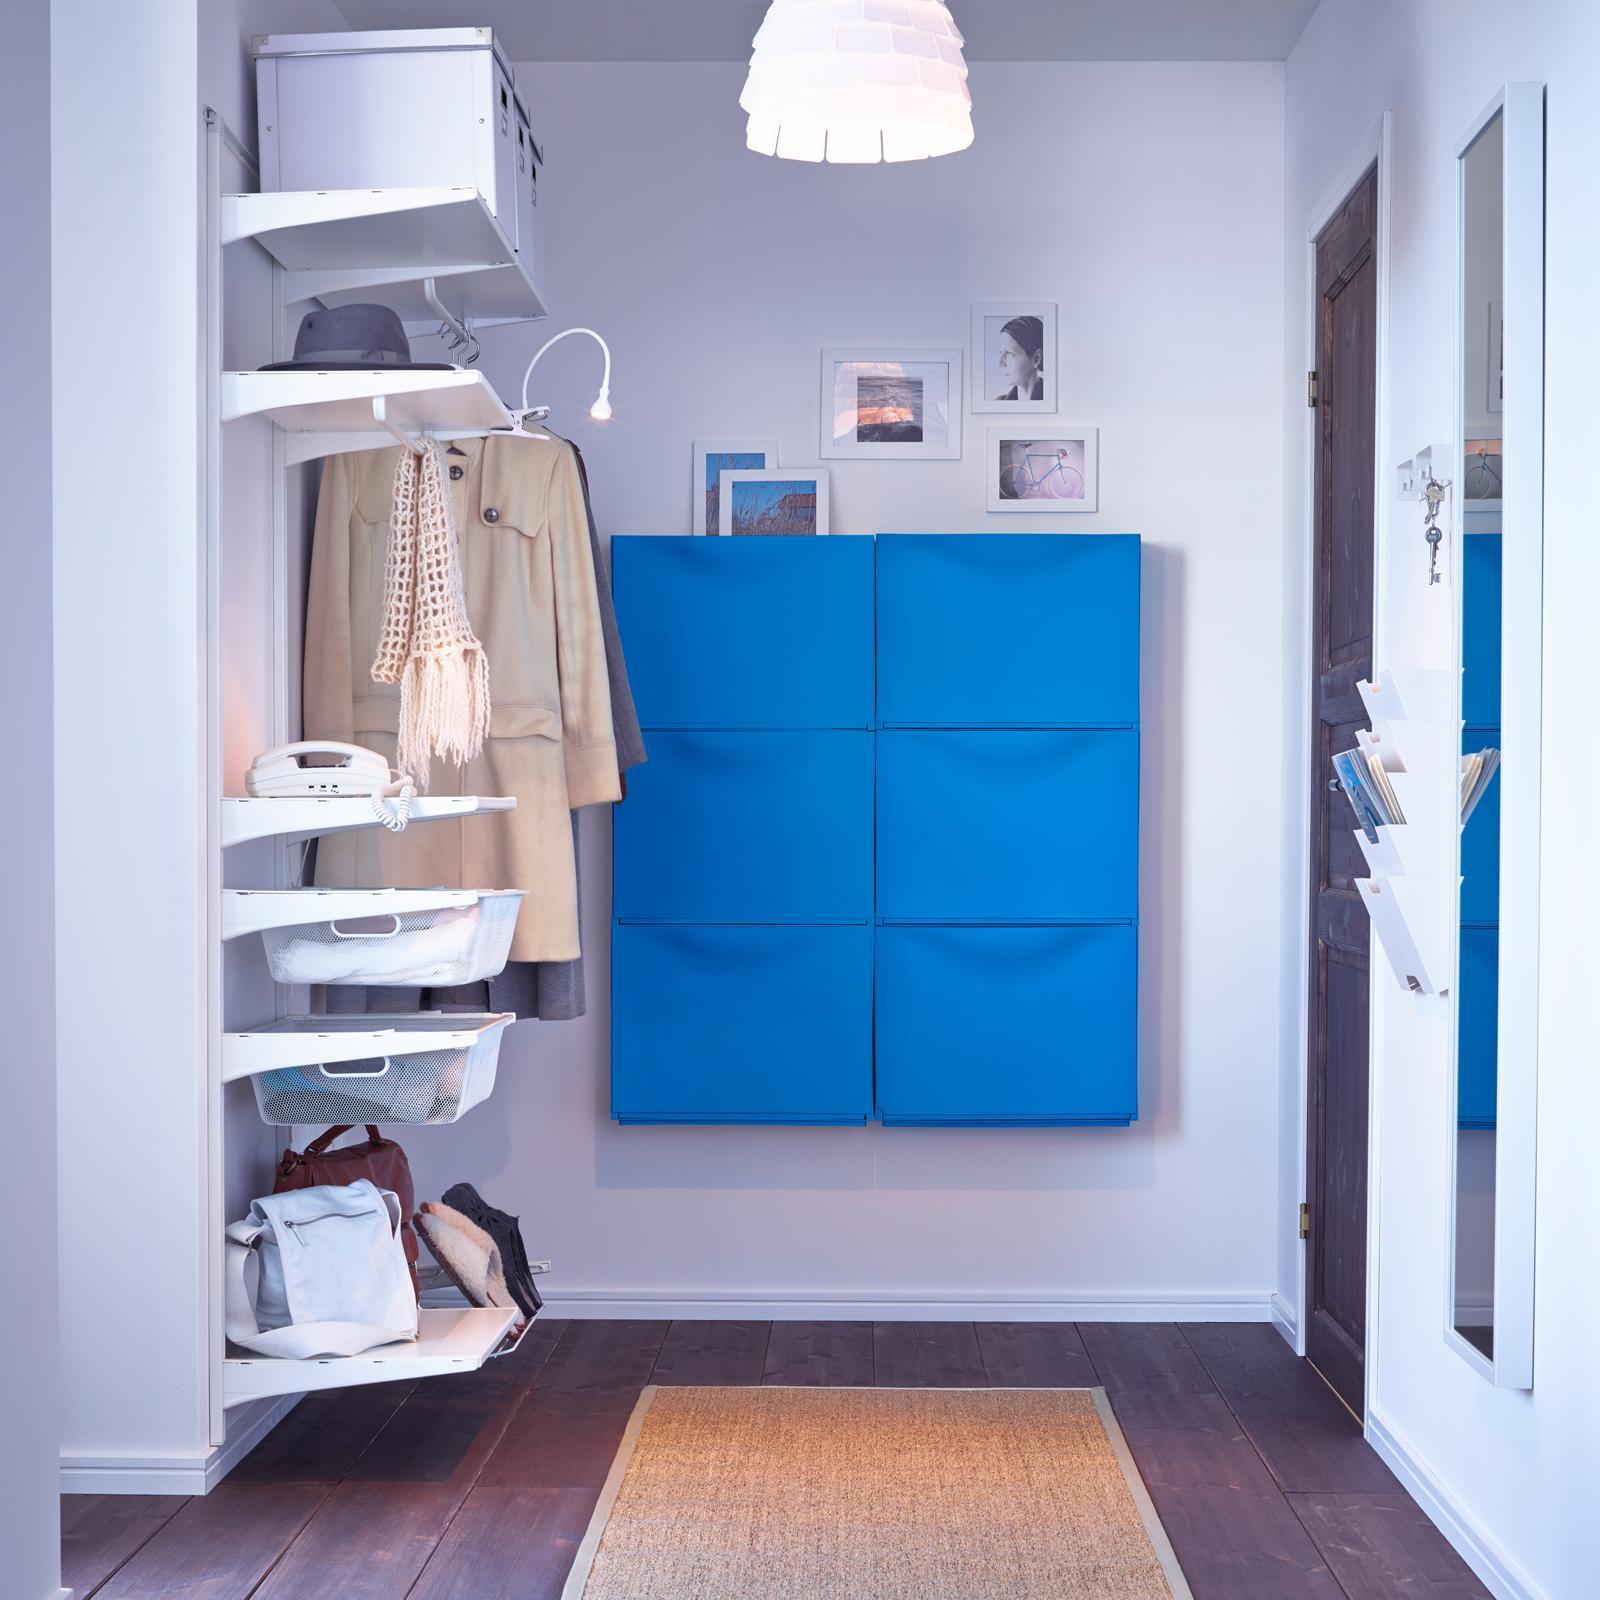 Aufbewahrungssysteme Kleiderschrank offener kleiderschrank bilder ideen couchstyle